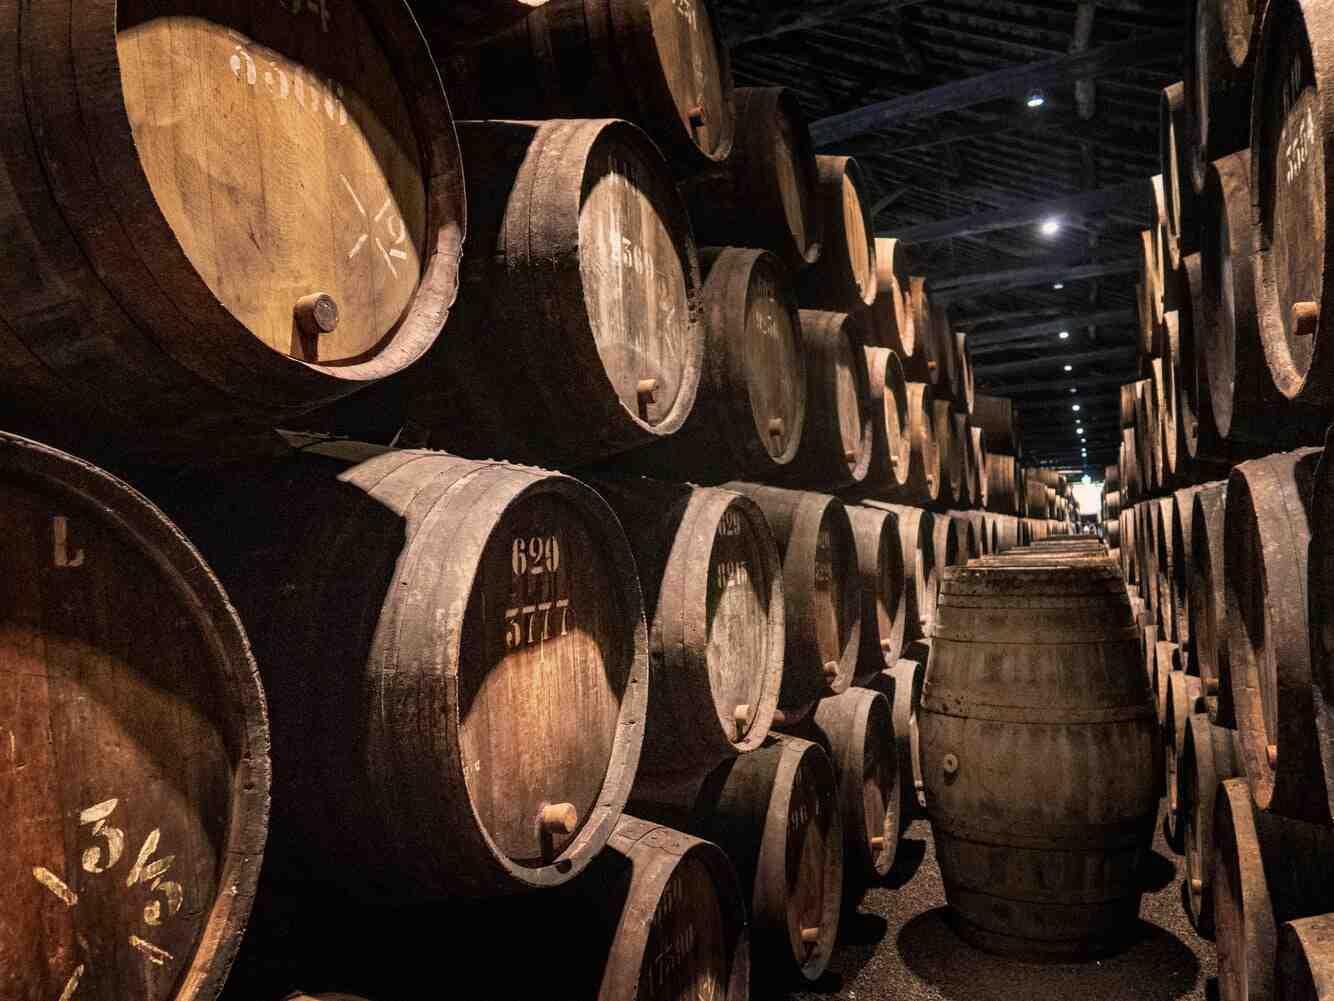 Comment le vin est-il conservé dans une cave à vin?